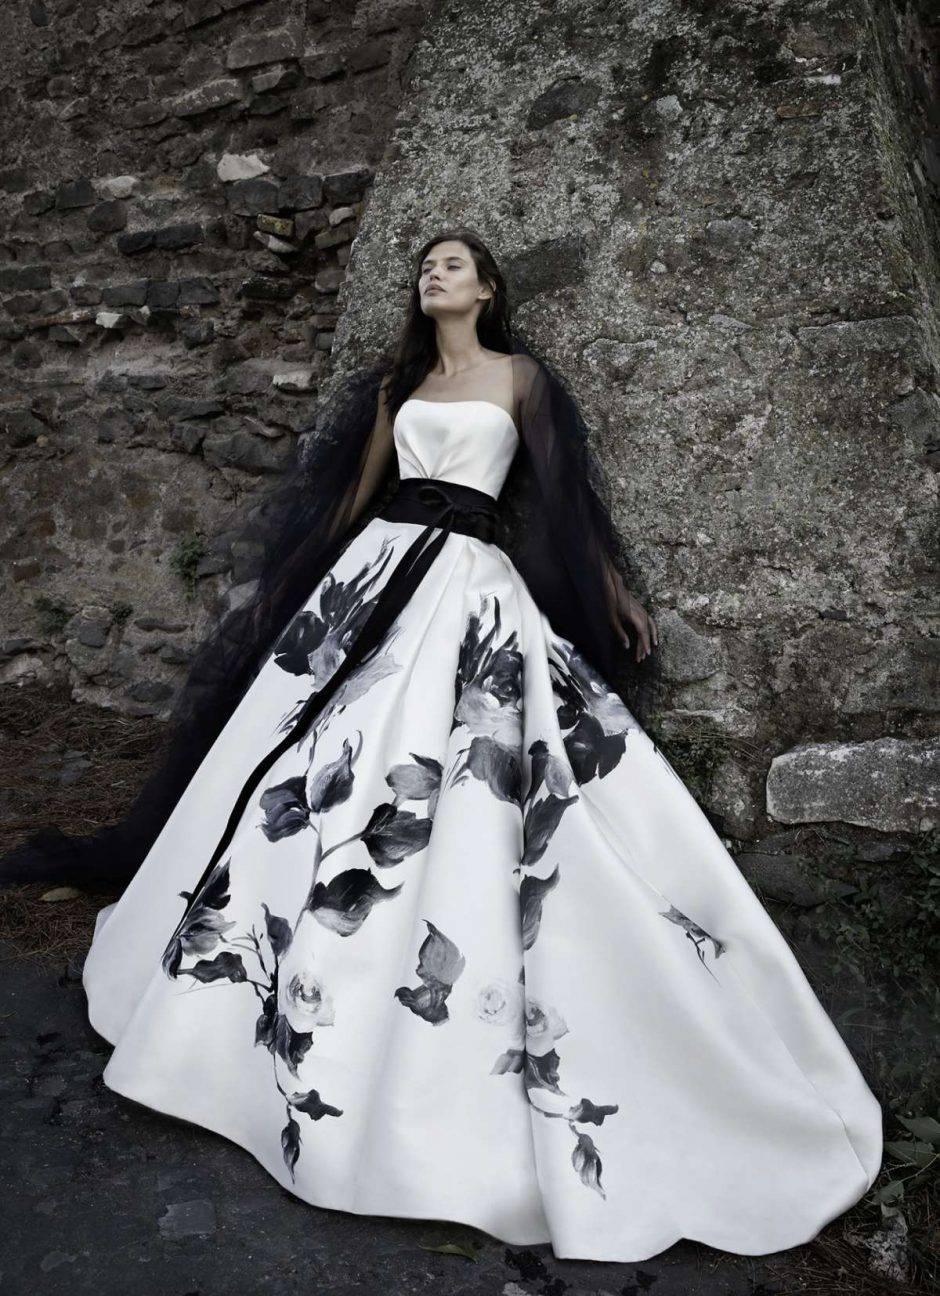 Vestiti Da Sposa Neri.La Sposa In Nero In Una Romantica Foto Gallery